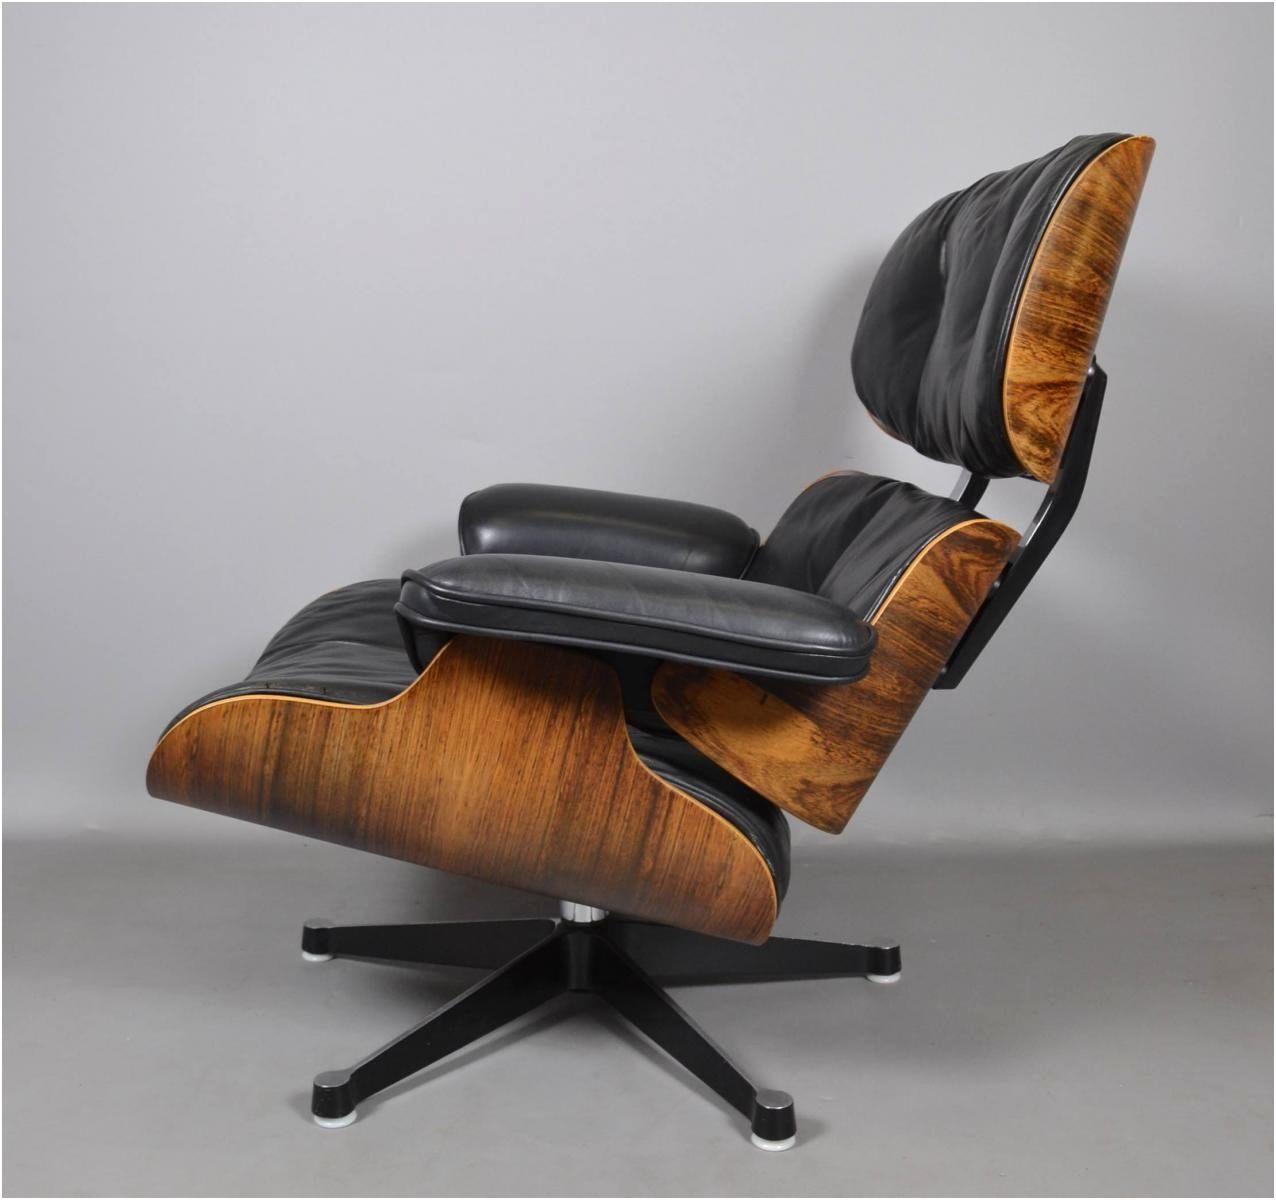 Frisch Charles Eames Sessel Einzigartig Home Ideen